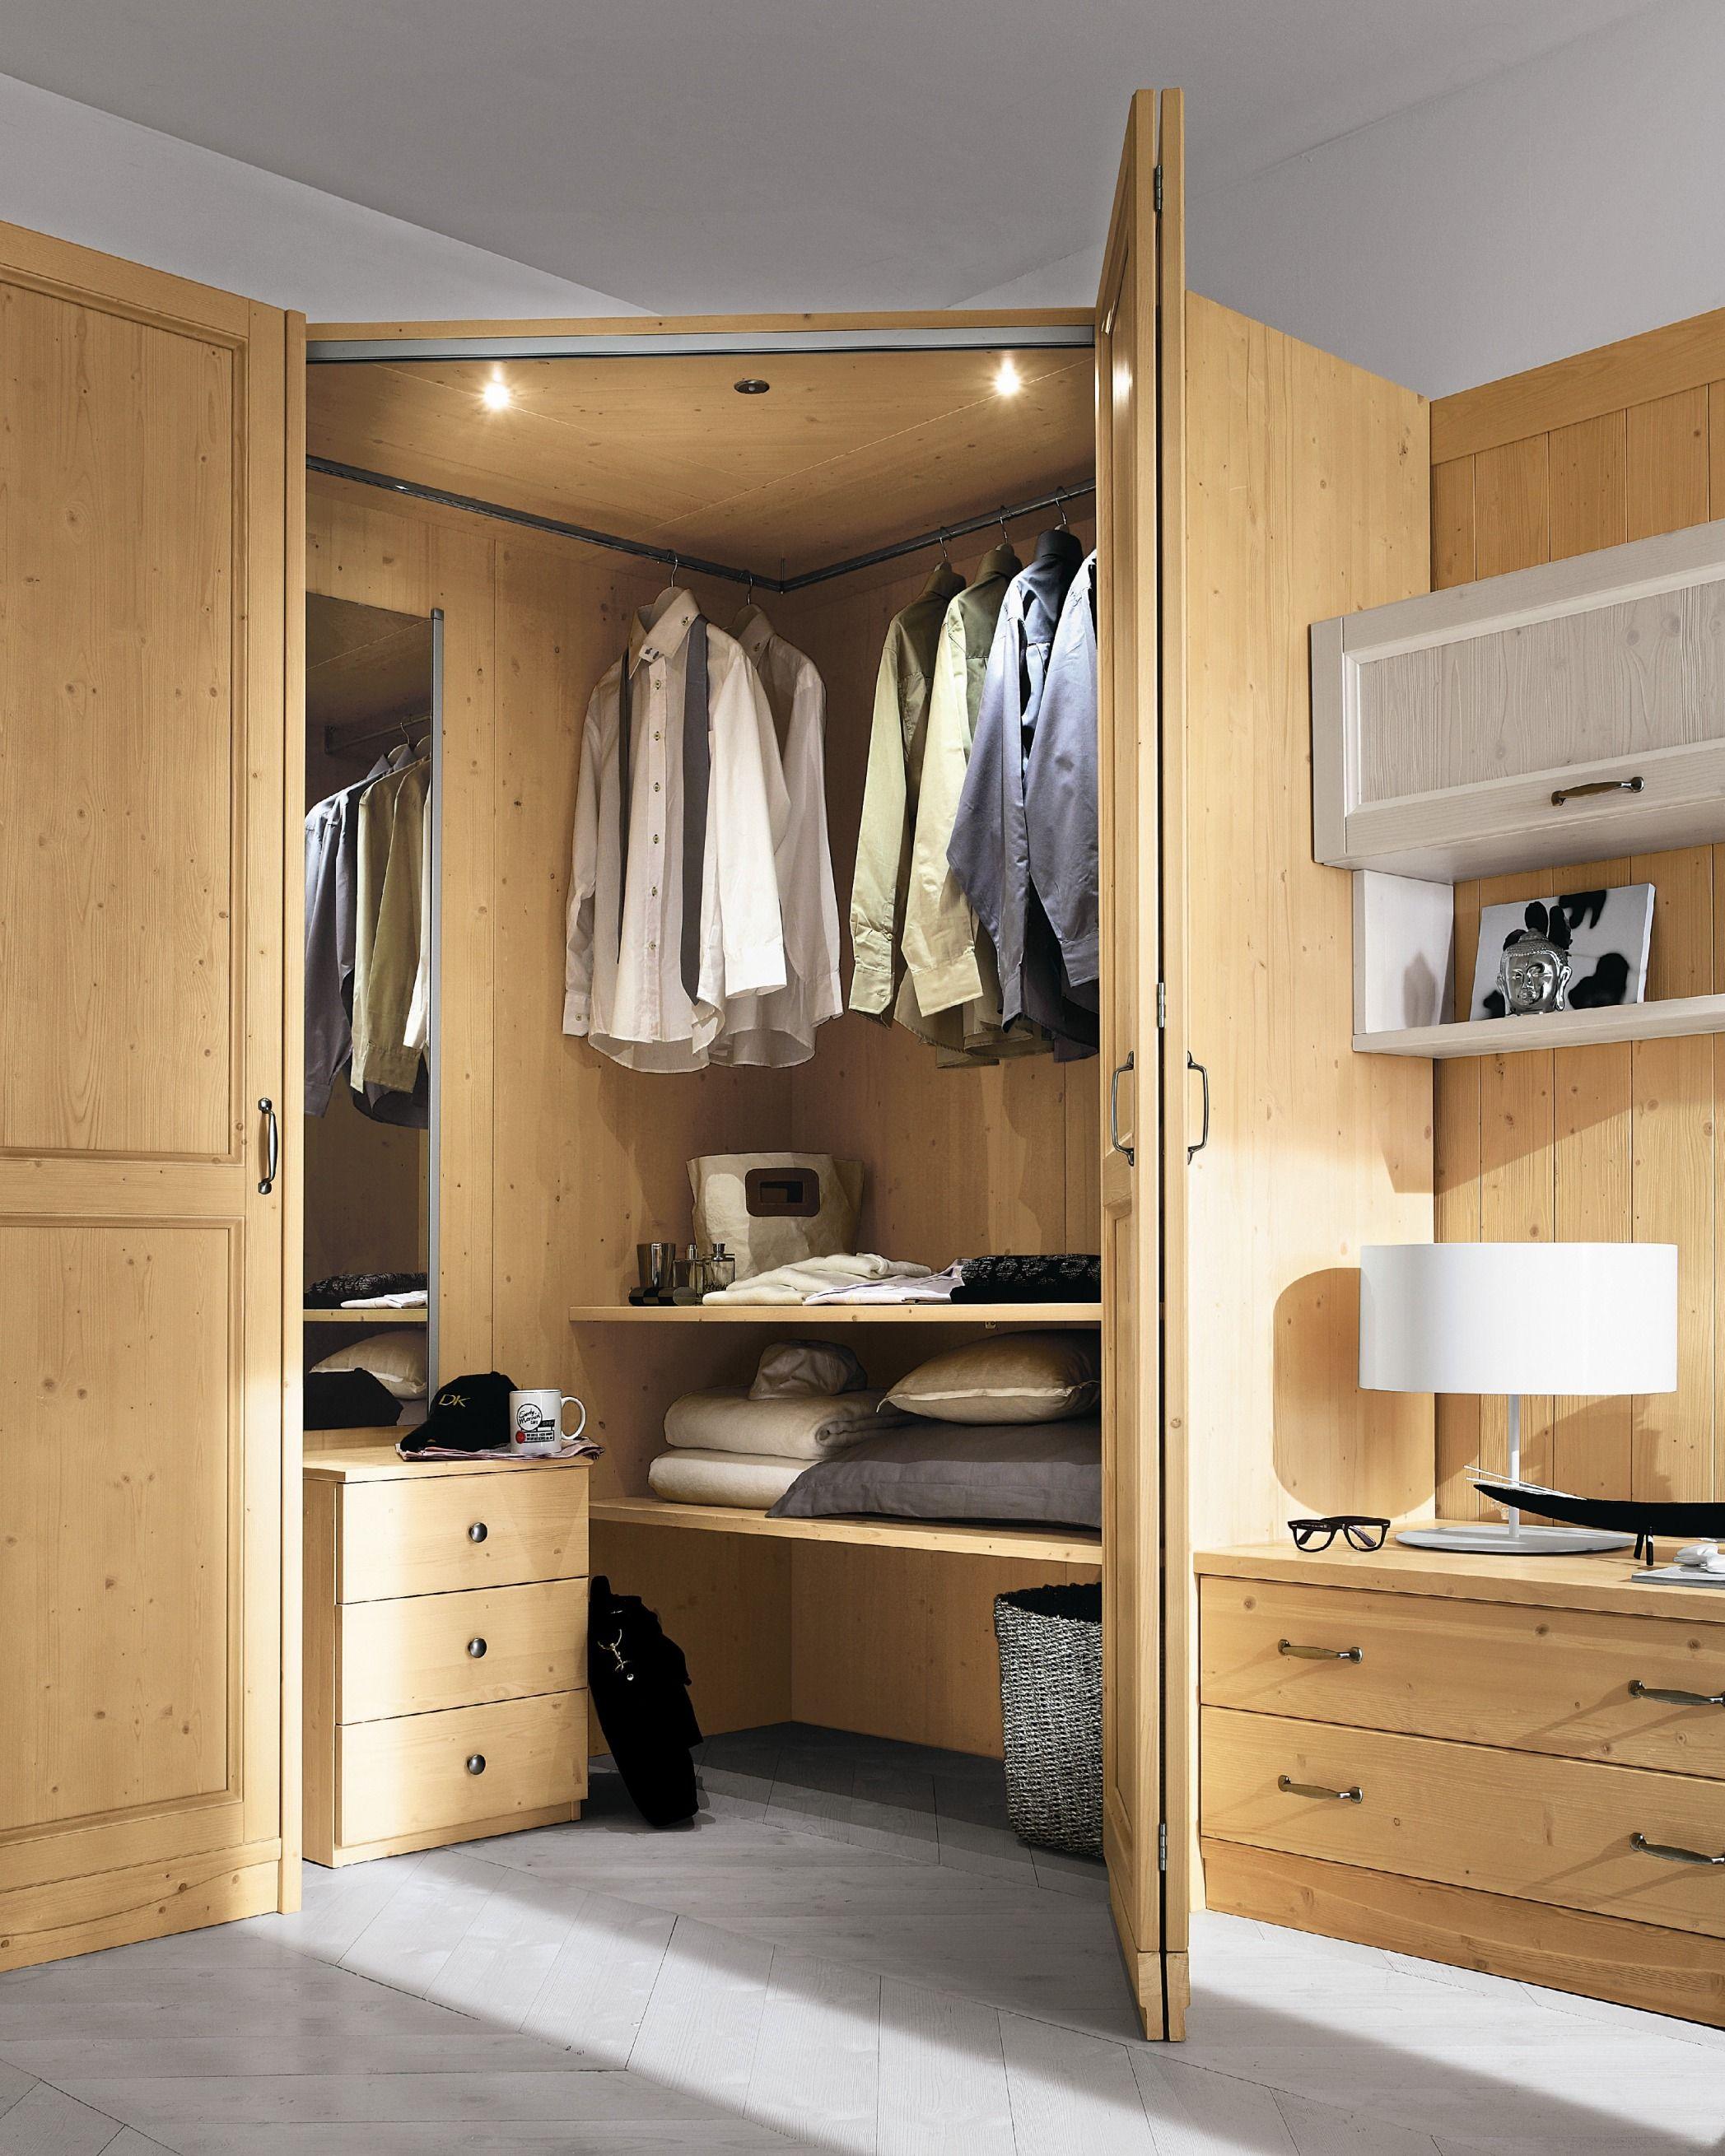 Camera da letto in legno every day night composizione 10 by callesella arredamenti s r l - Camera da letto legno ...